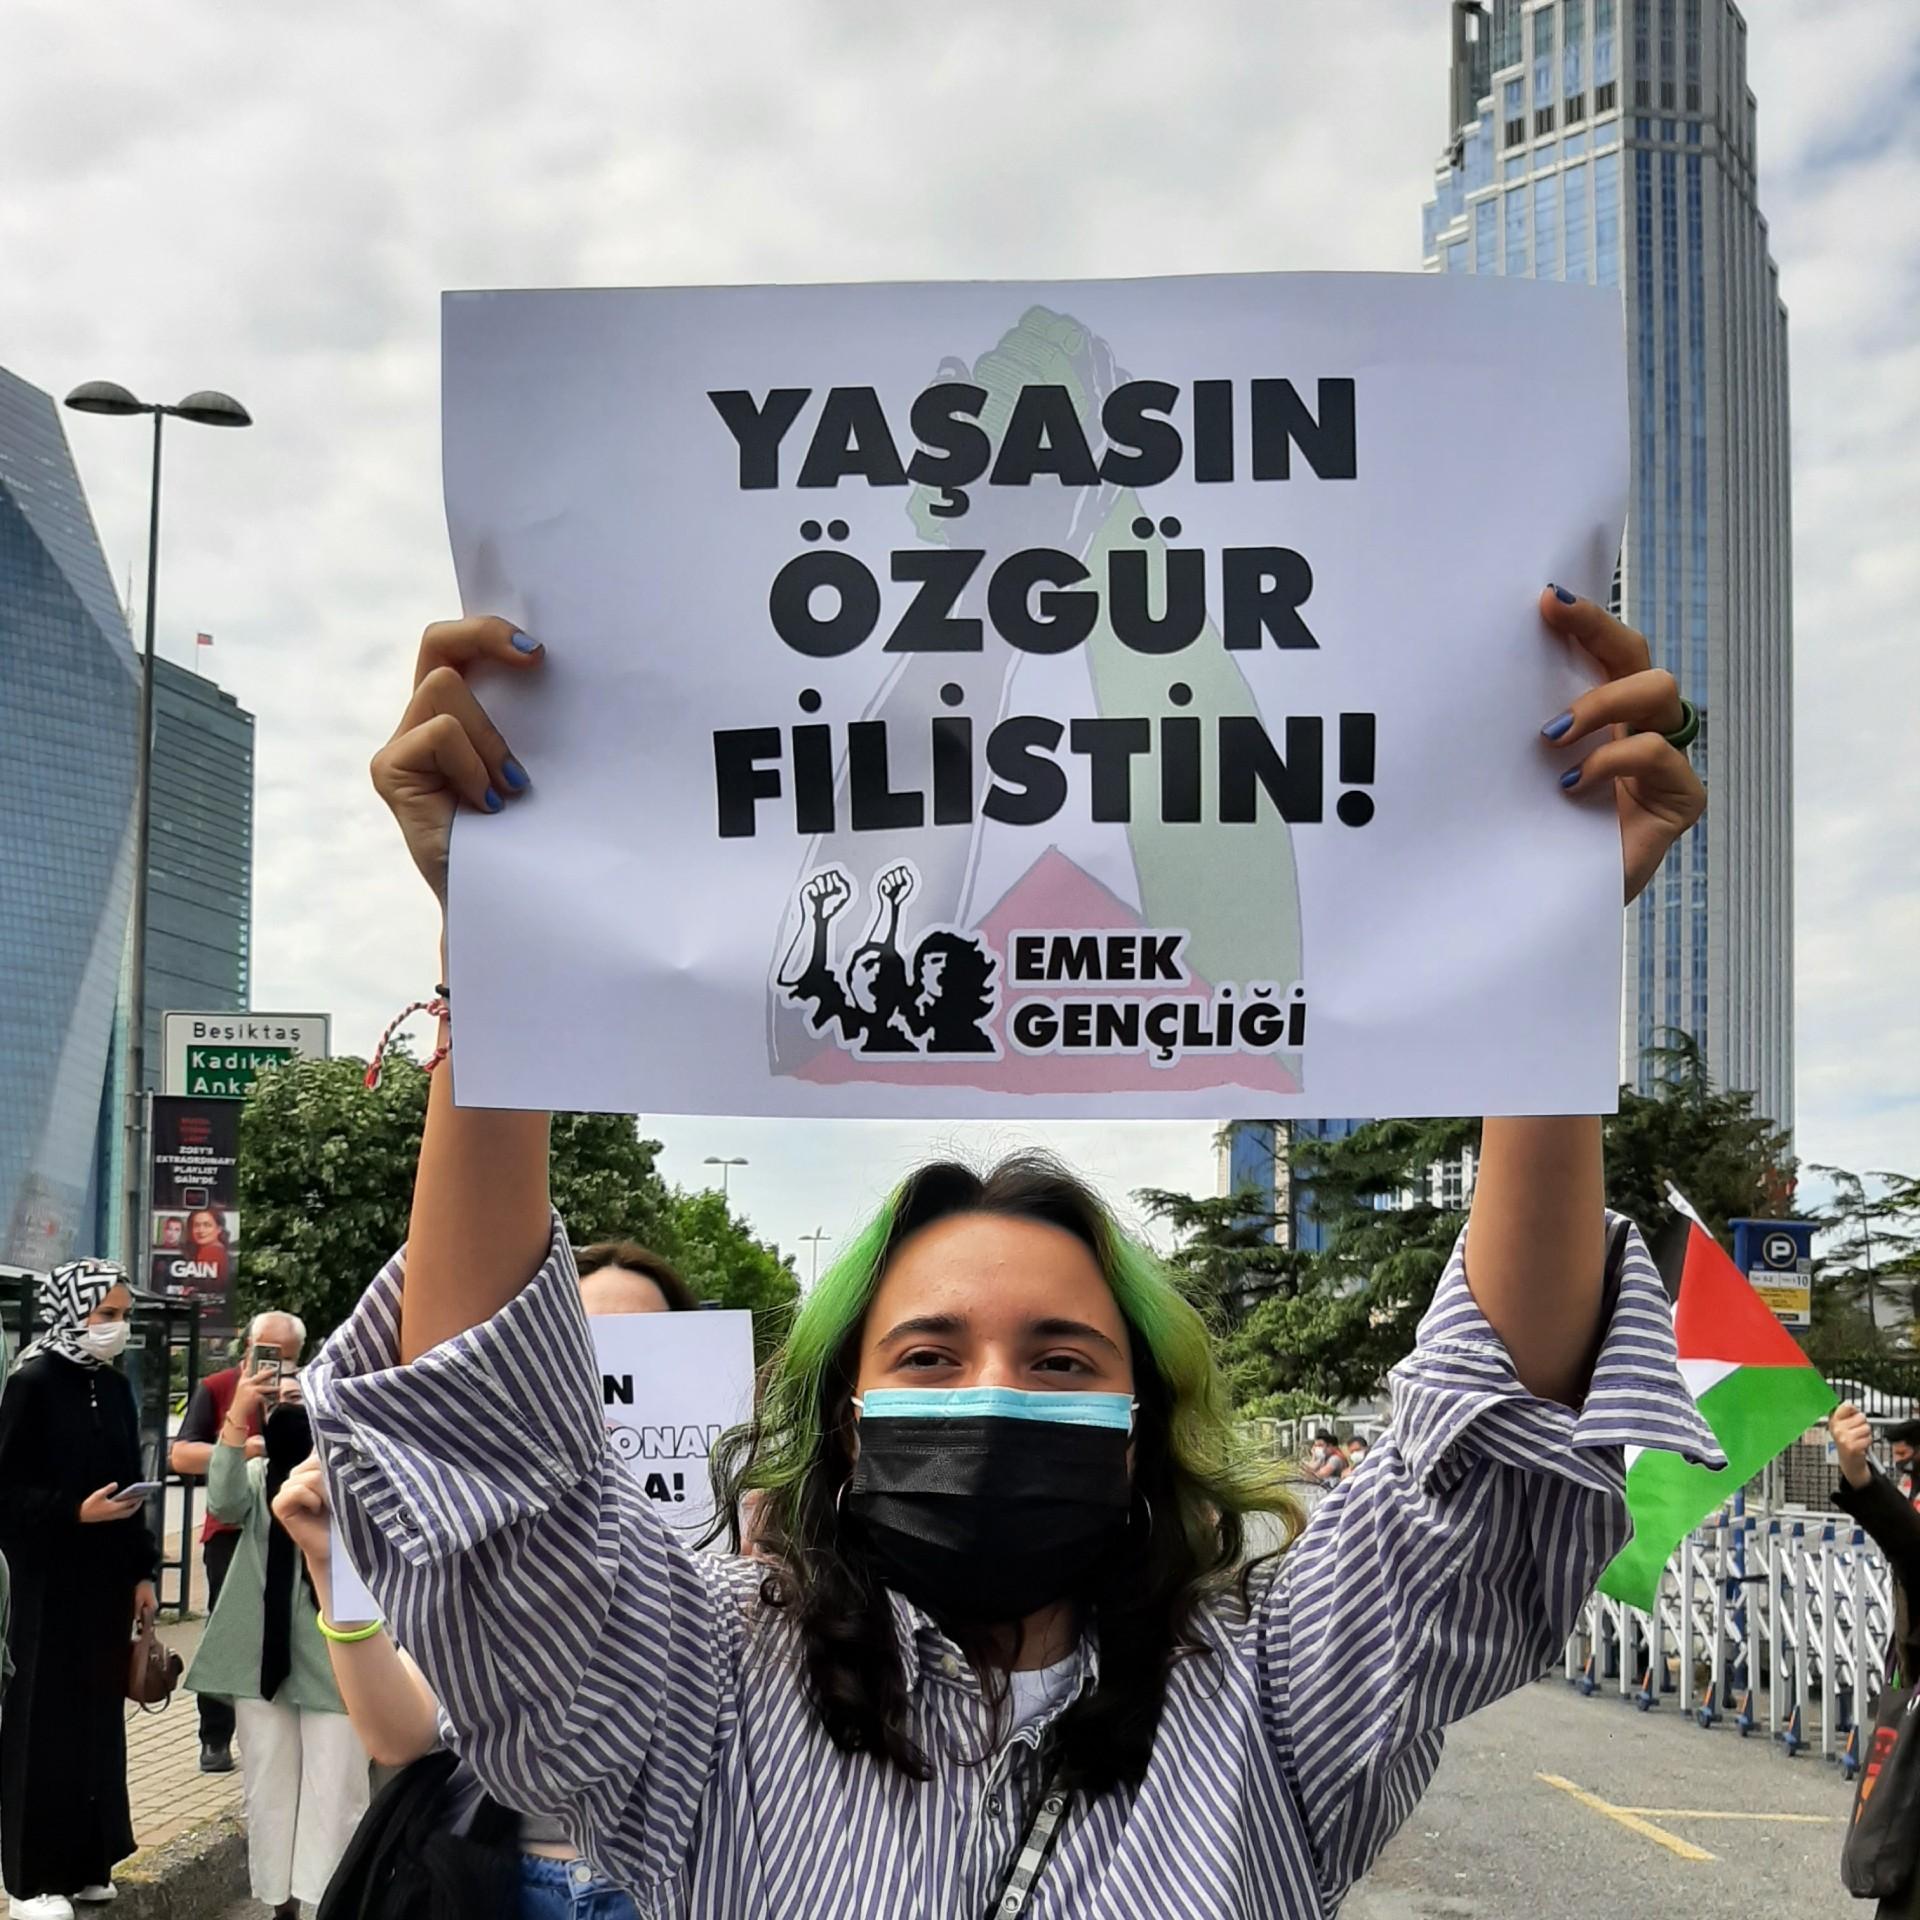 Emek Gençliği'nin İsrail Başkonsolosluğu önünde düzenlediği protesto eyleminde 'Yaşasın özgür Filistin' yazılı döviz tutan bir genç kadın.